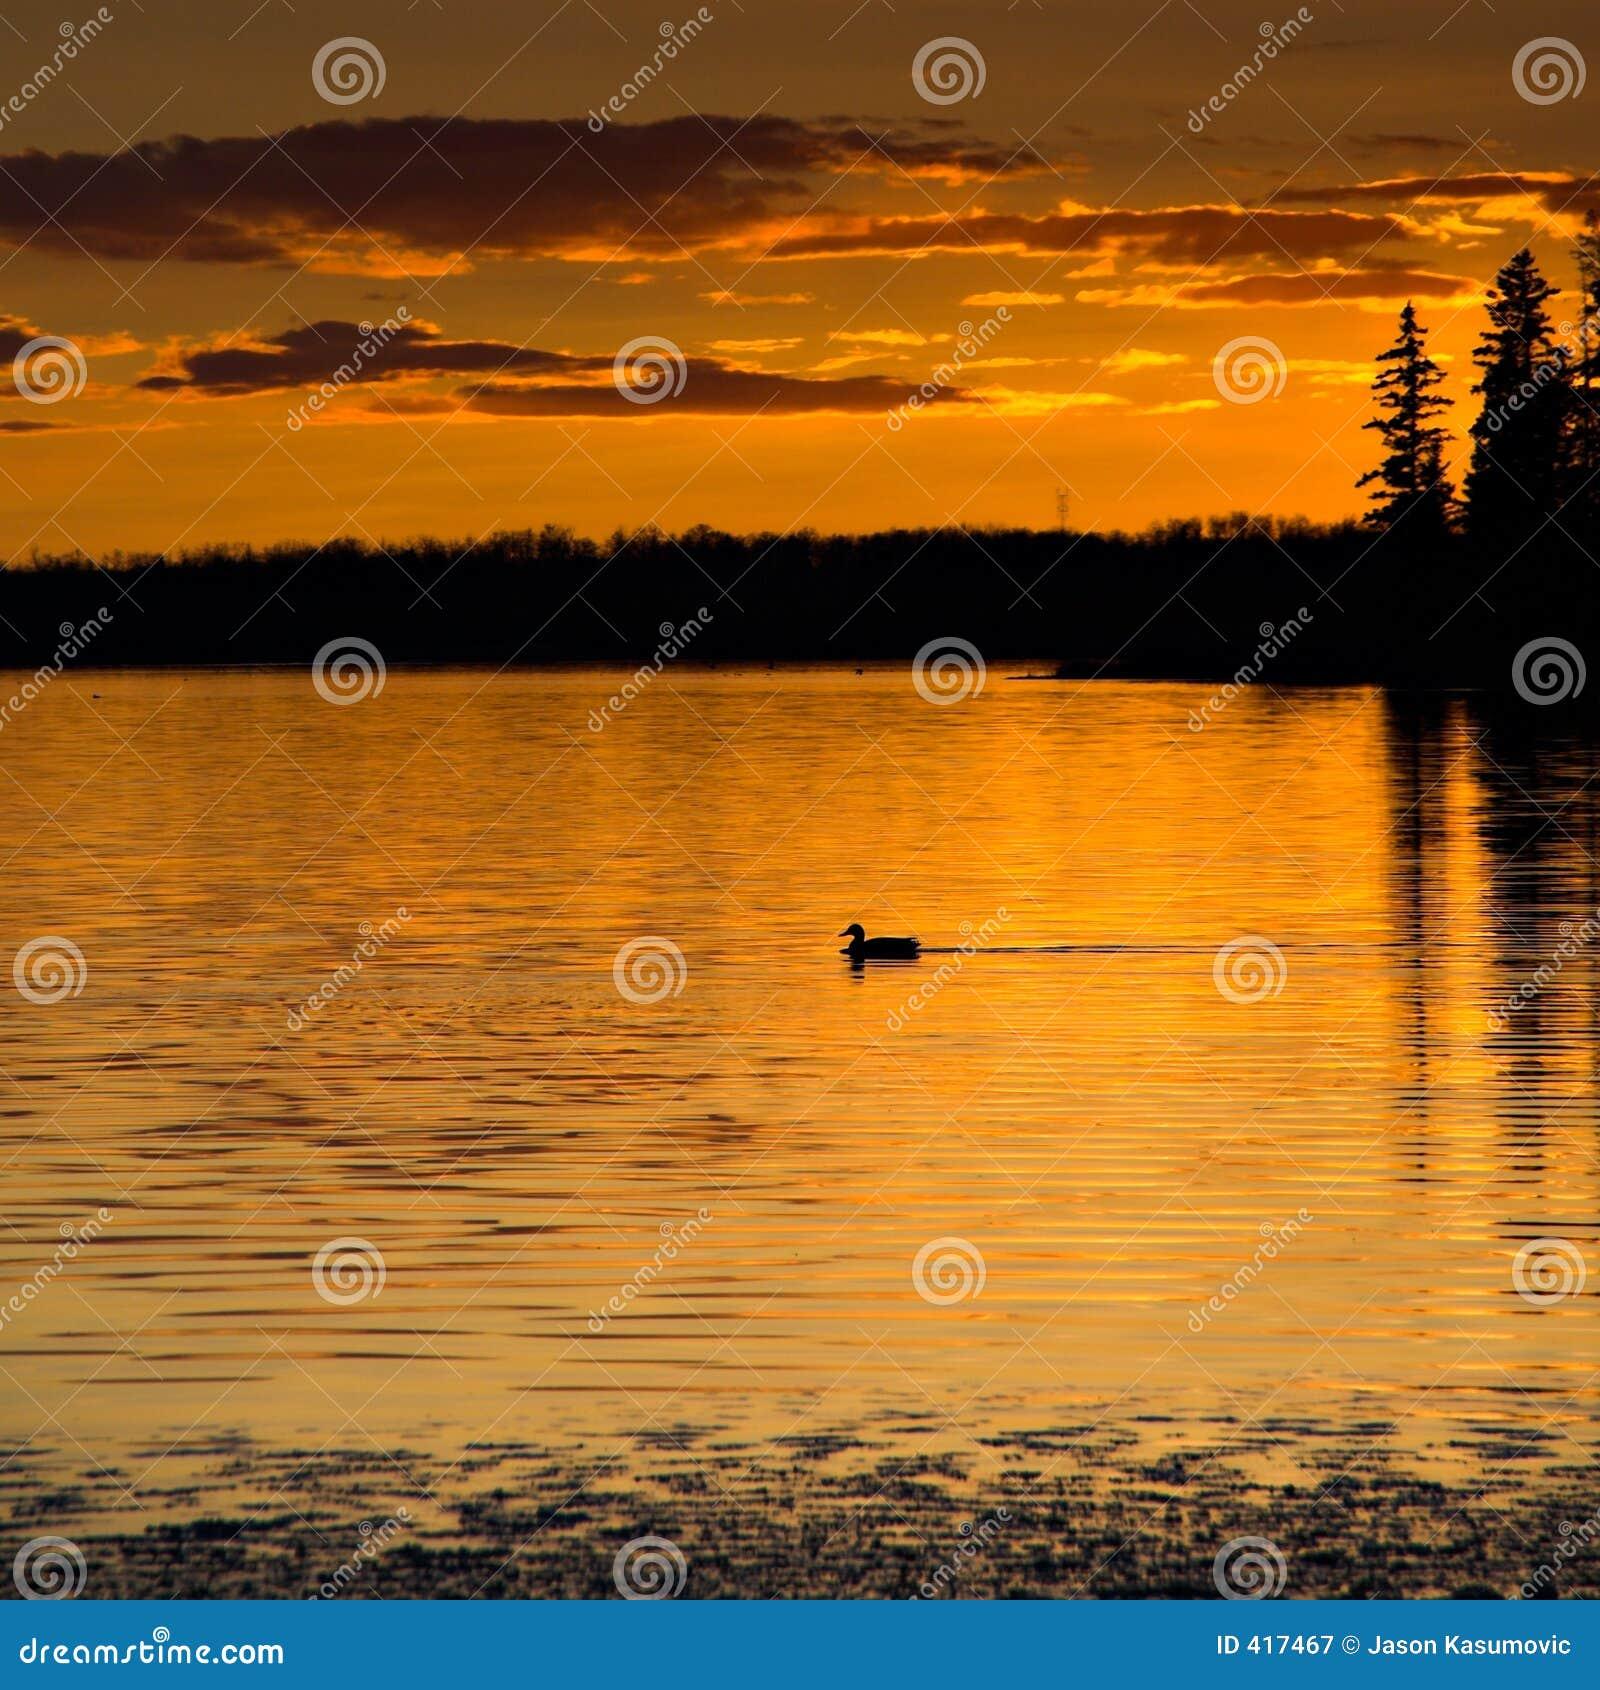 Sunset Loon